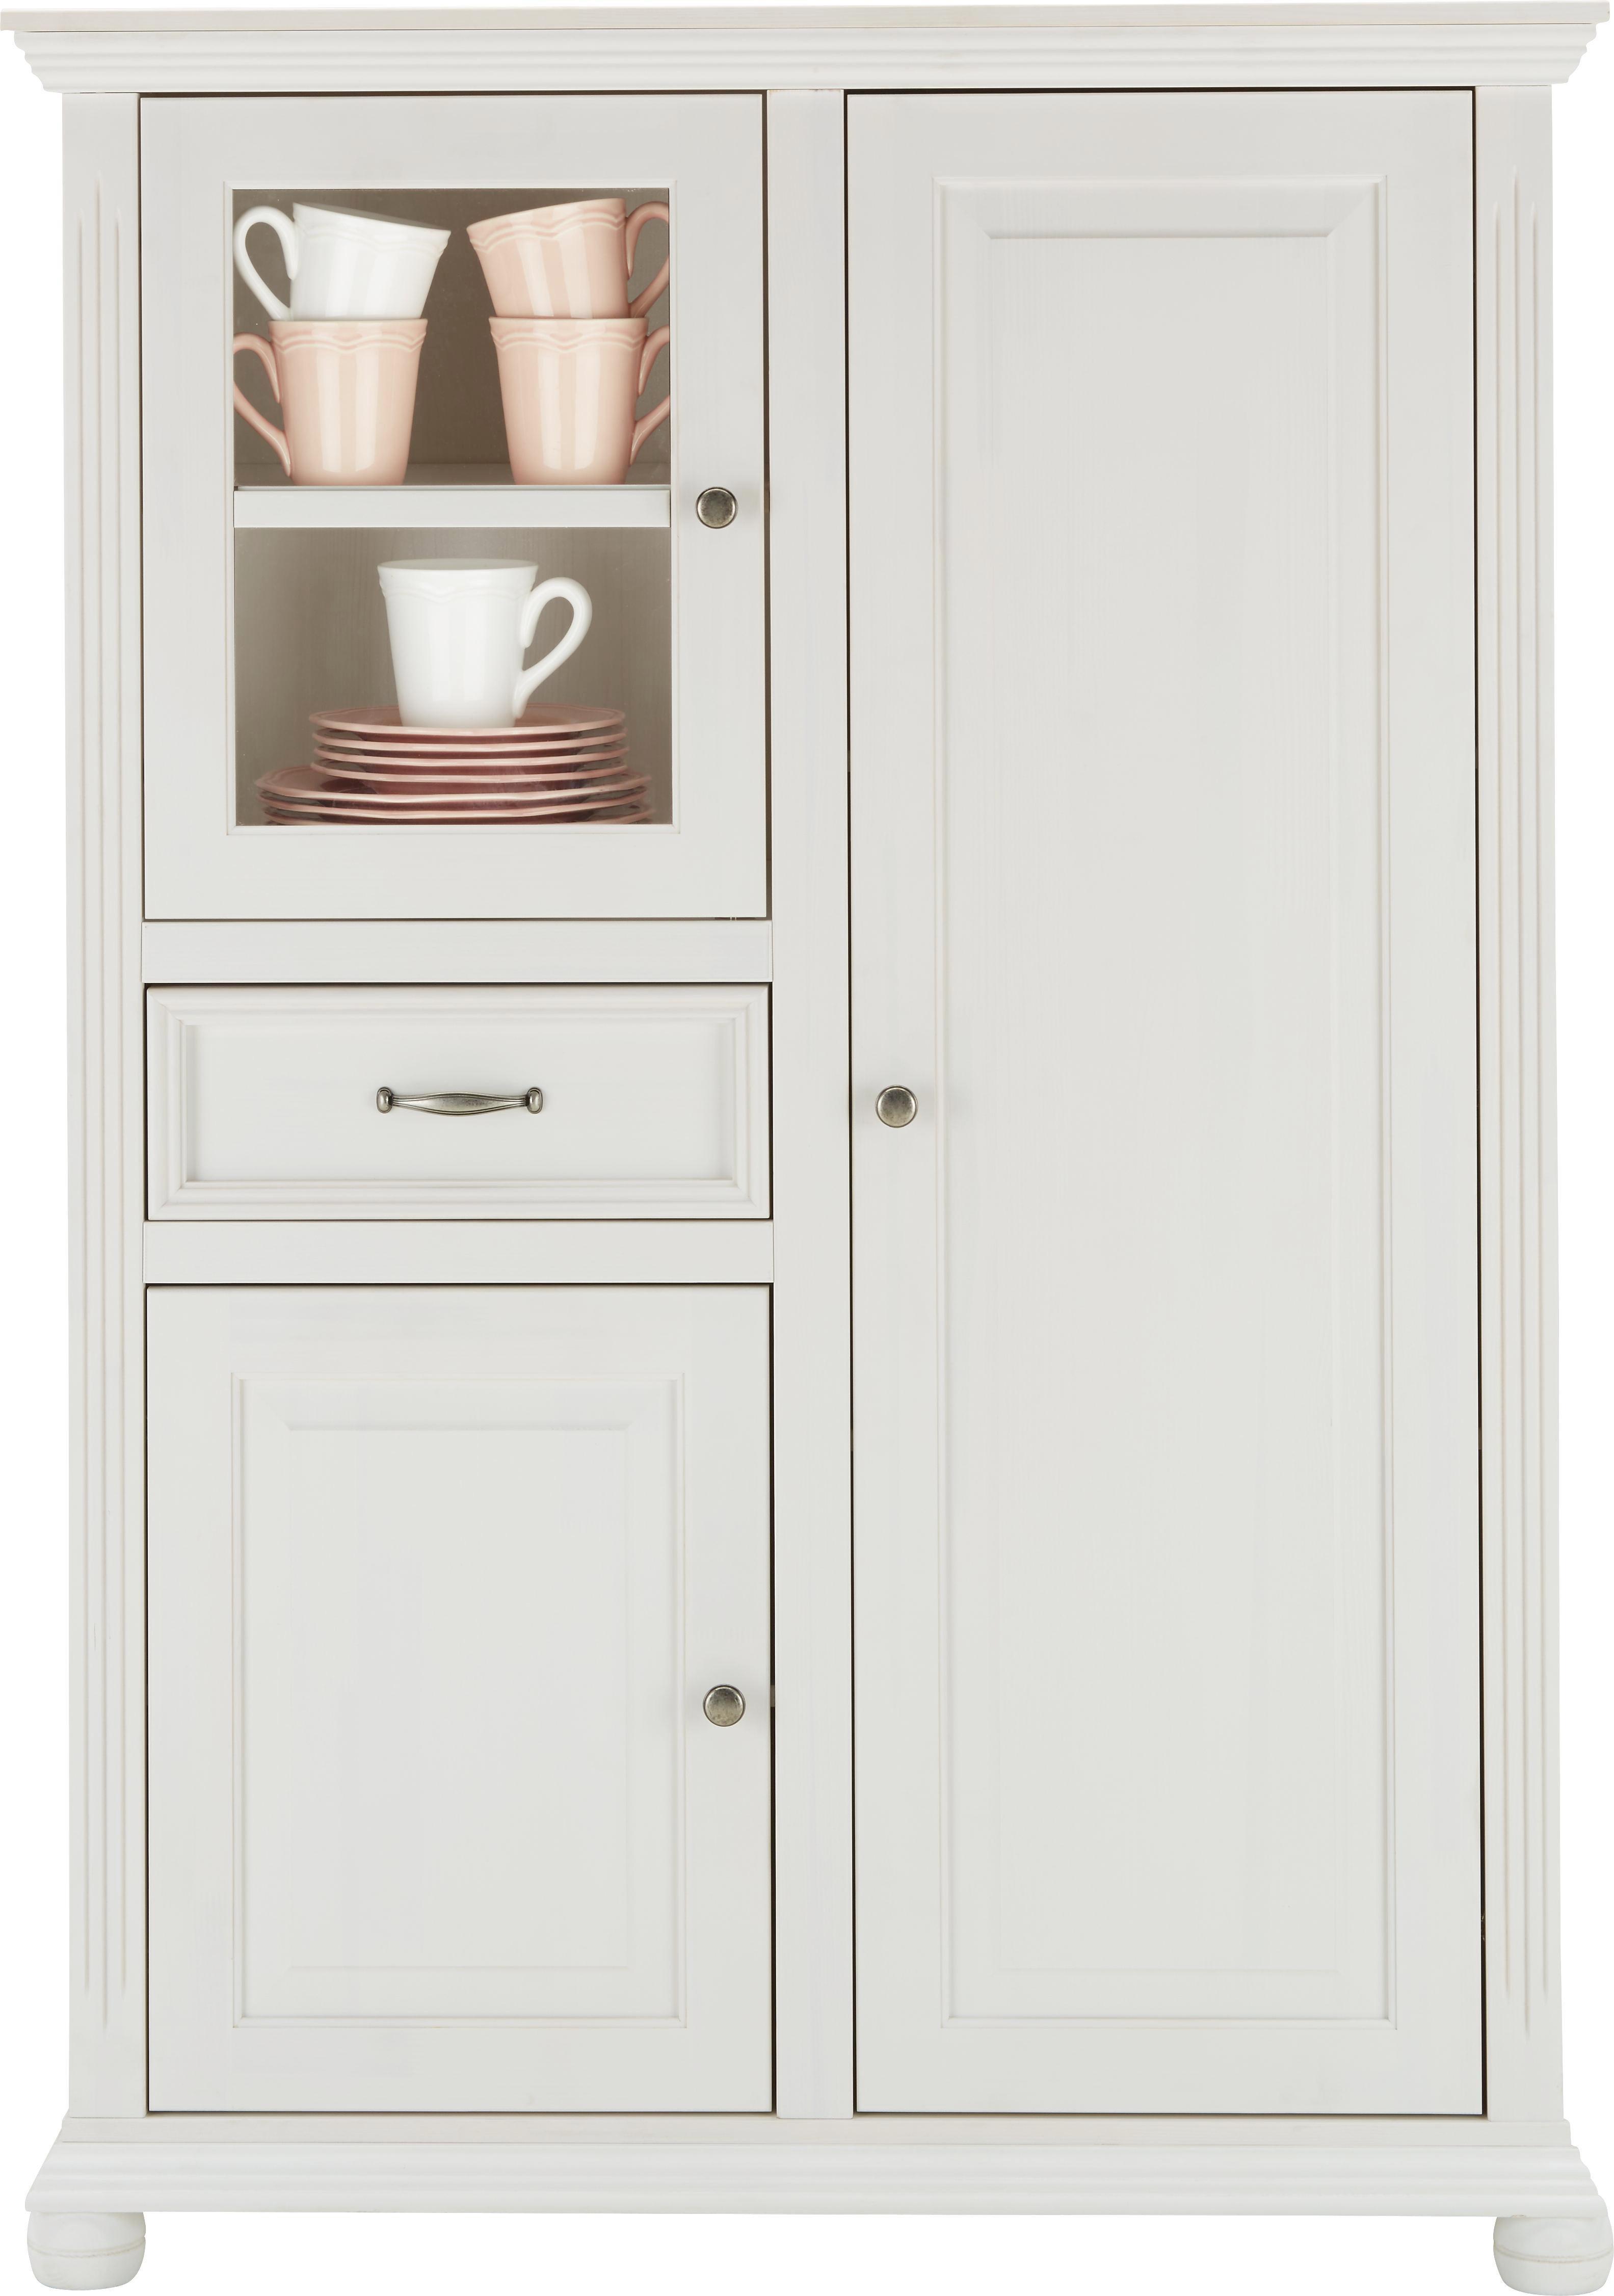 Highboard aus Echtholz in Weiß - Weiß, ROMANTIK / LANDHAUS, Glas/Holz (105/150/45cm) - ZANDIARA